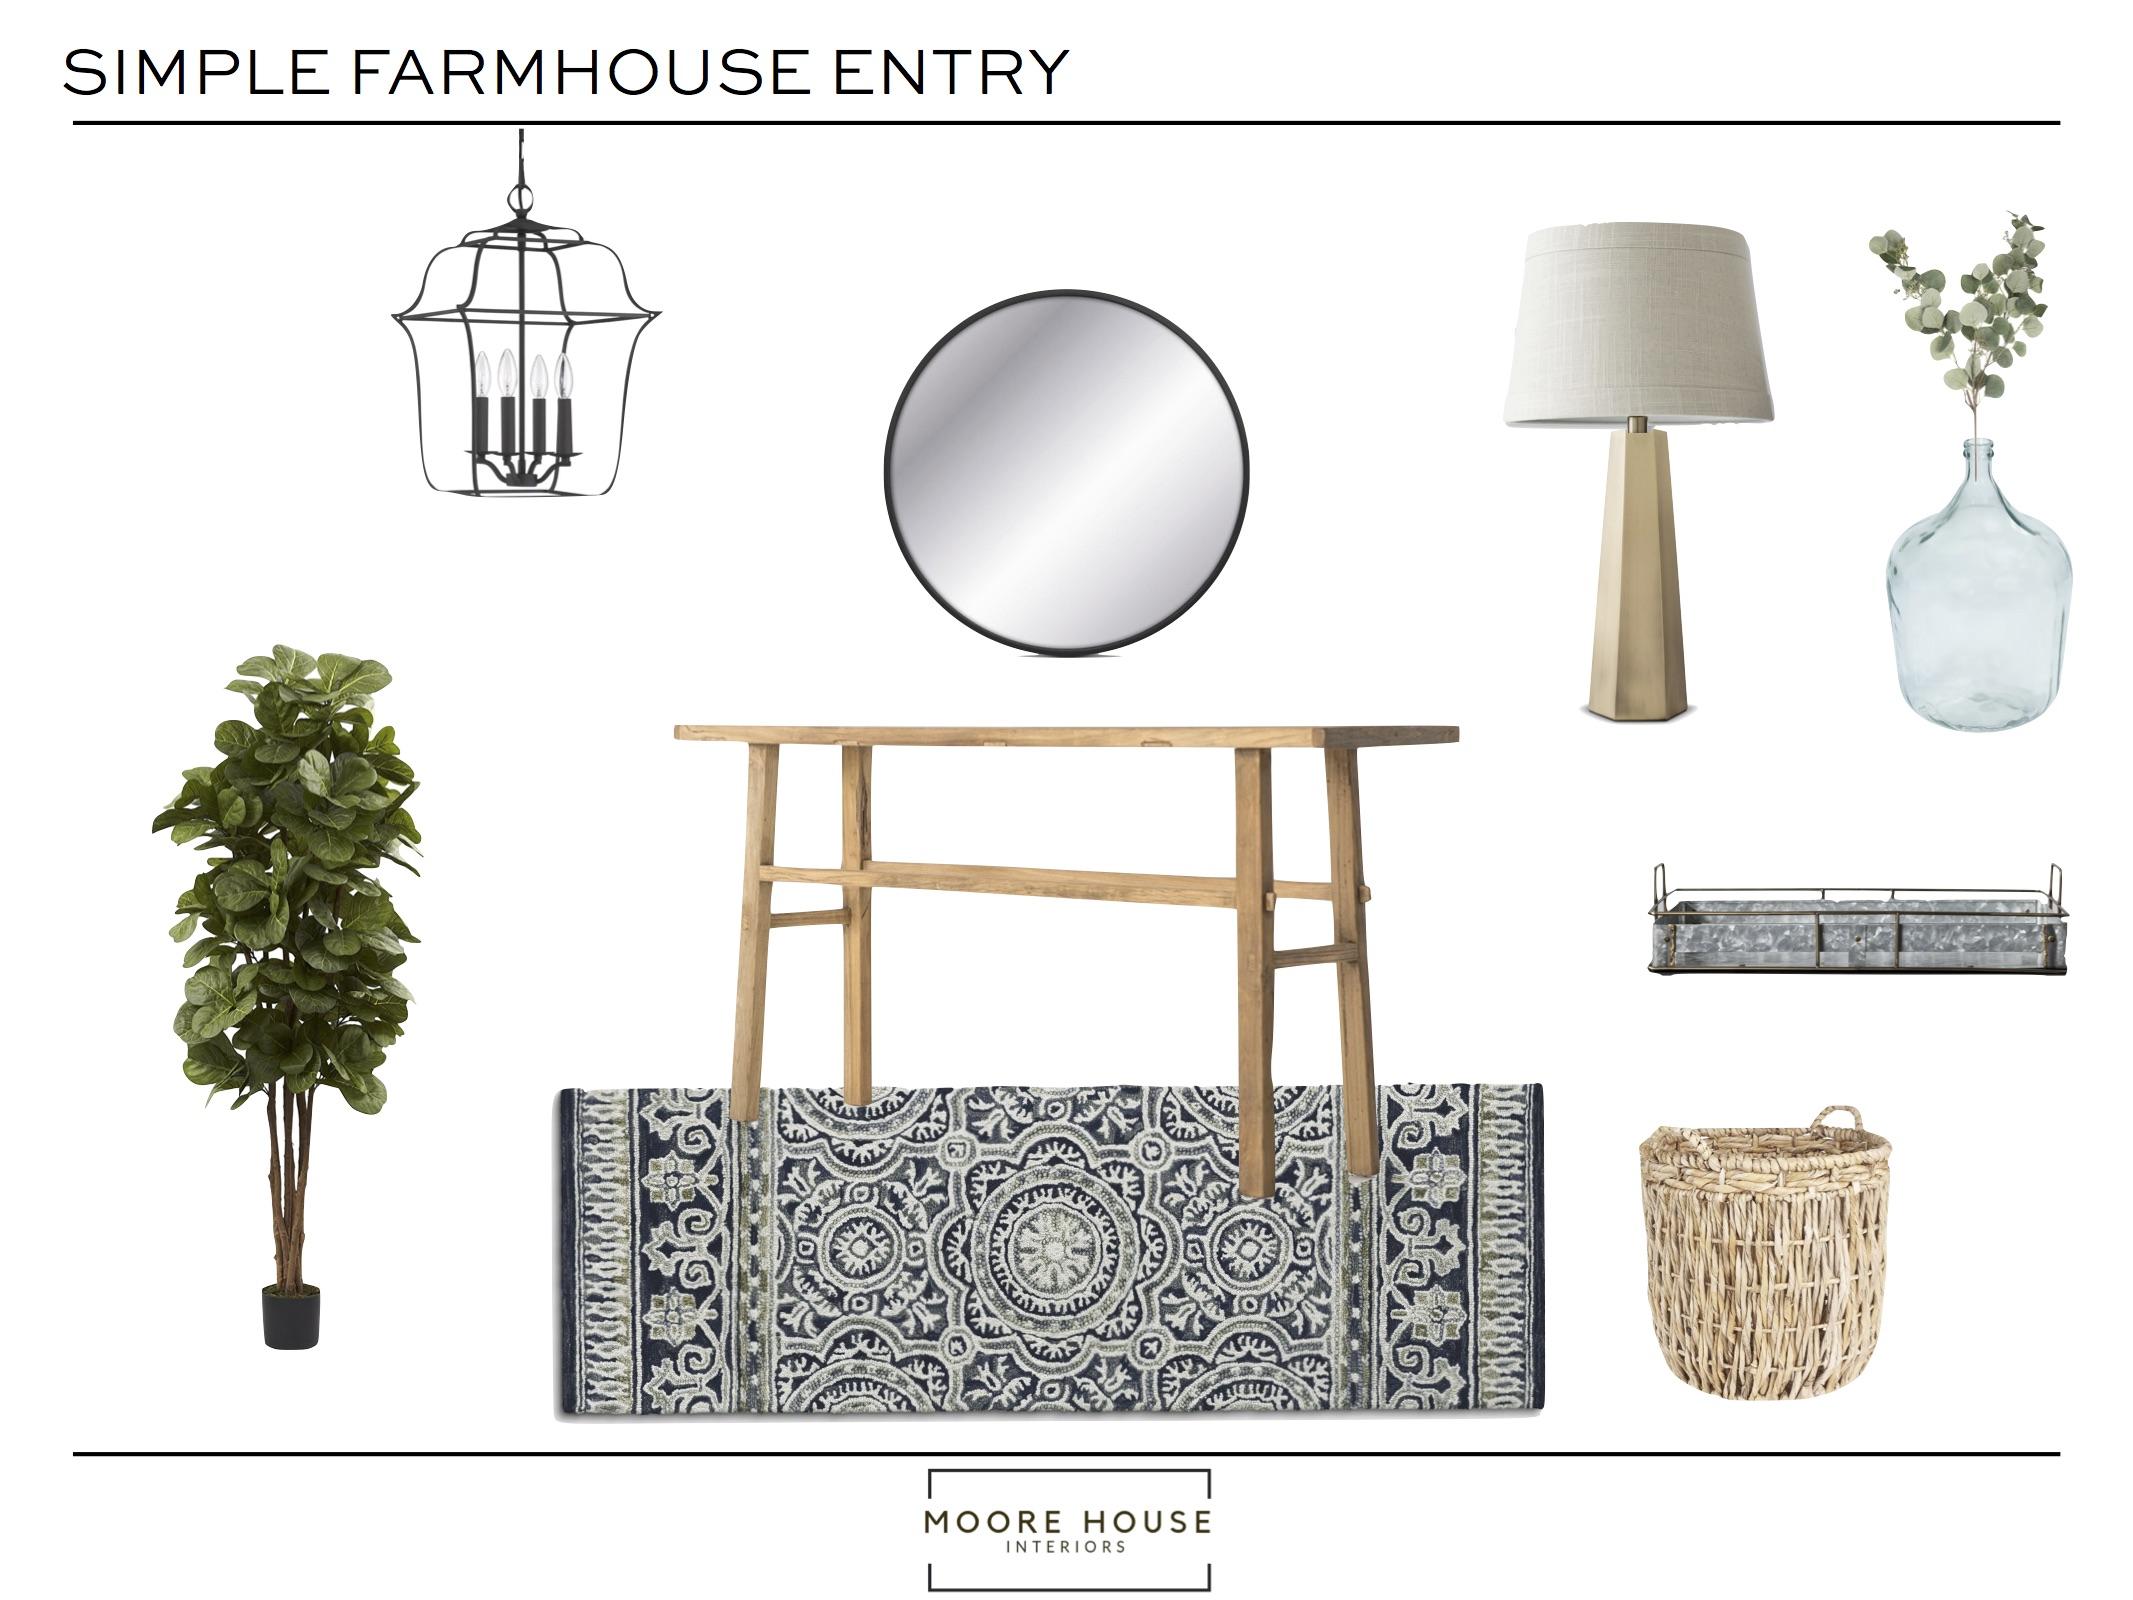 Simple Farmhouse Entry.jpg